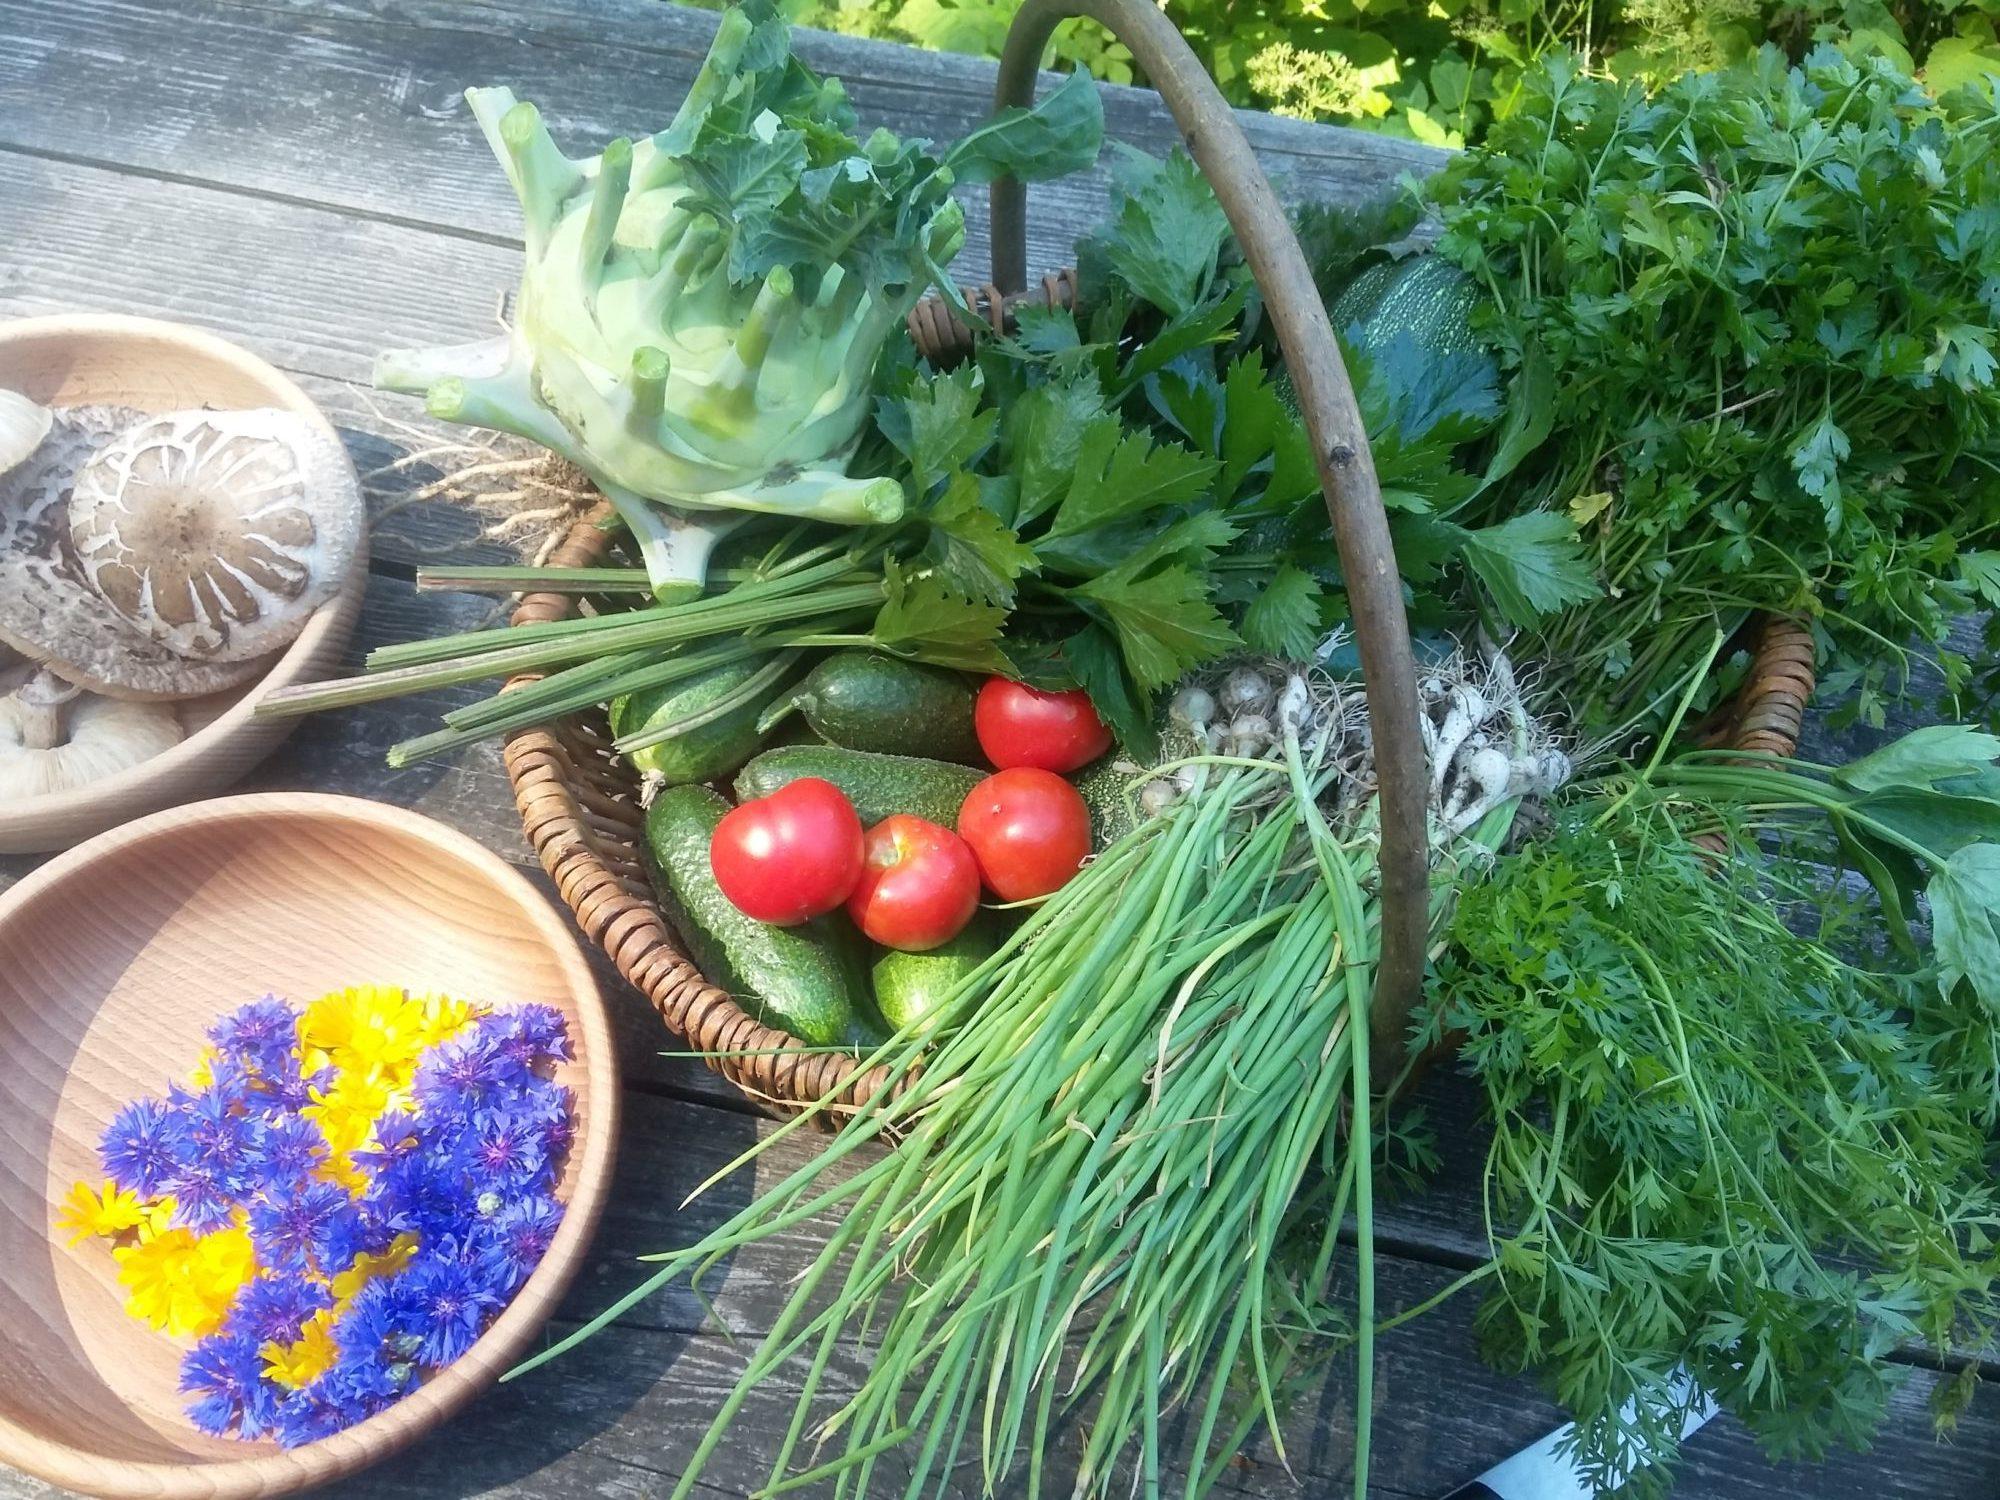 zelenina úroda ze záhonů